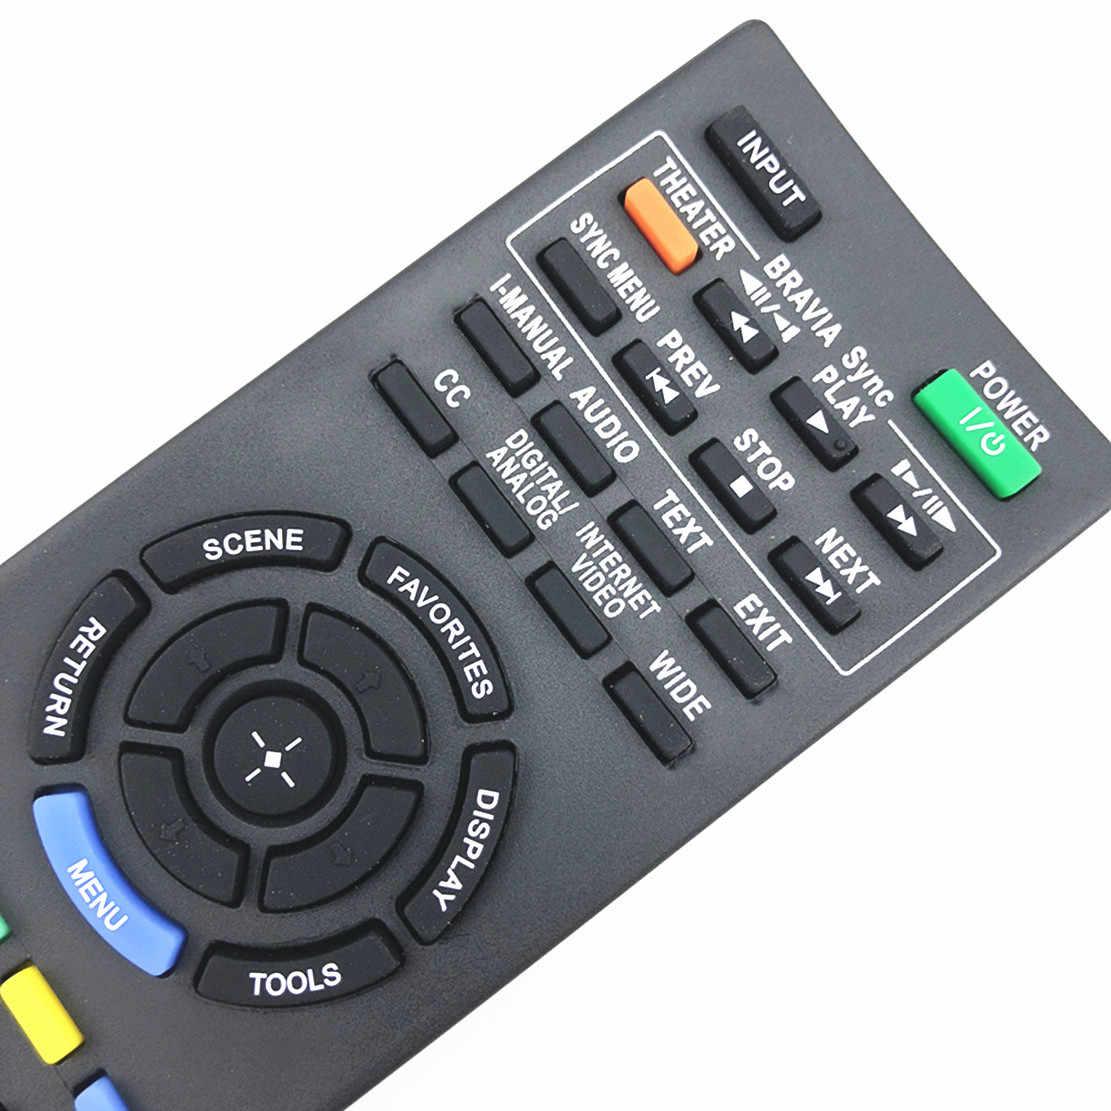 التحكم عن بعد مناسبة ل sony RM-GD005 KDL-32EX402 RM-ED022 RM-ED036 تلفاز LCD huayu